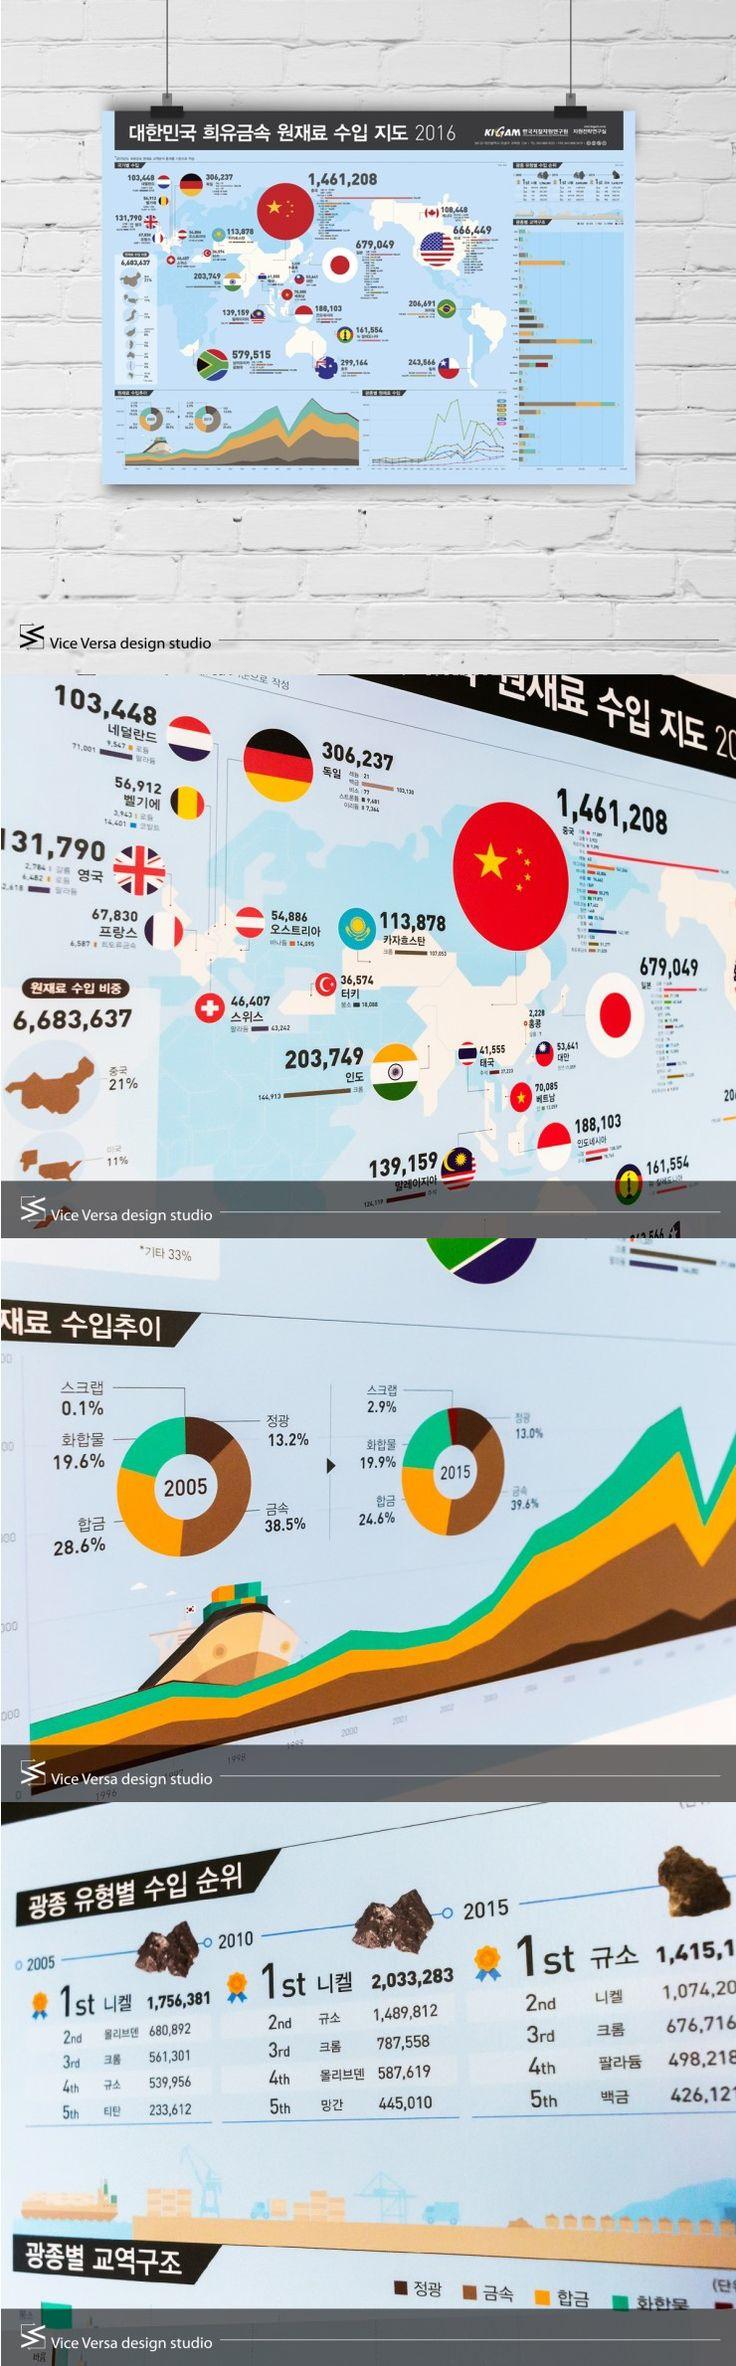 [infographic]'대한민국 휘유 금속 원재료 수입 지도 2016'에 관한 인포그래픽